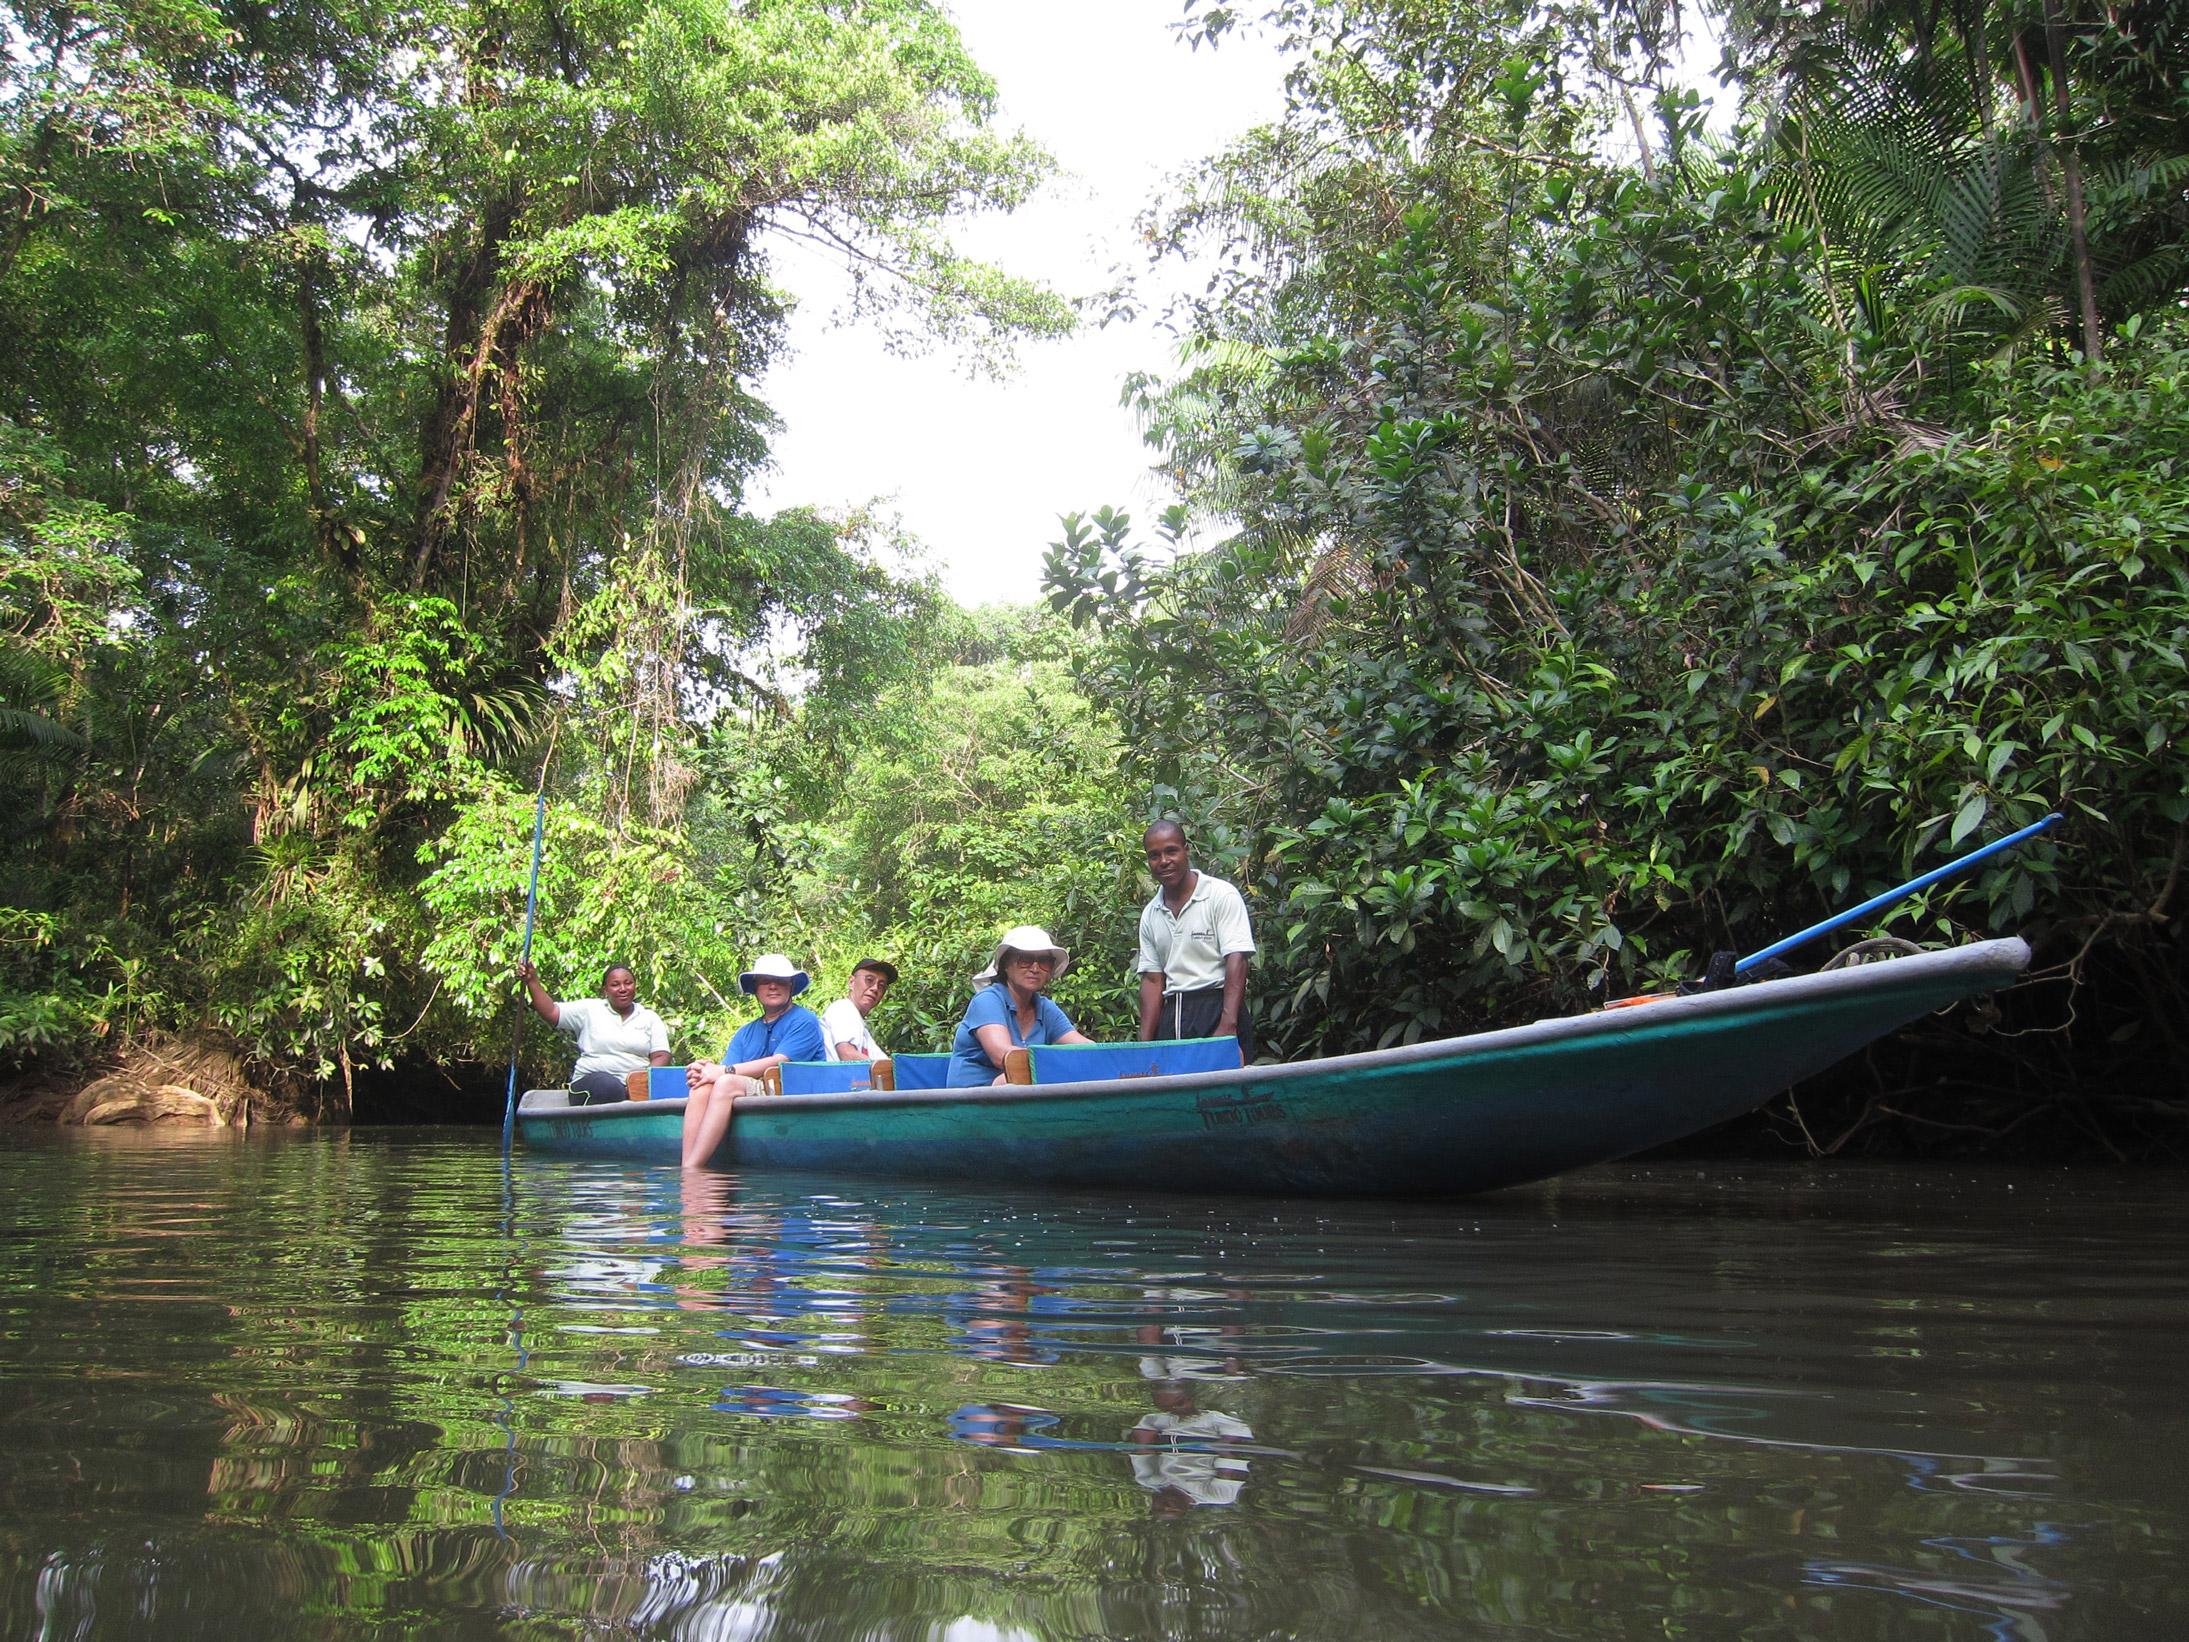 Experiencias Río Tundó - El Almejal - Hoteles en Bahía Solano Pacífico Colombiano